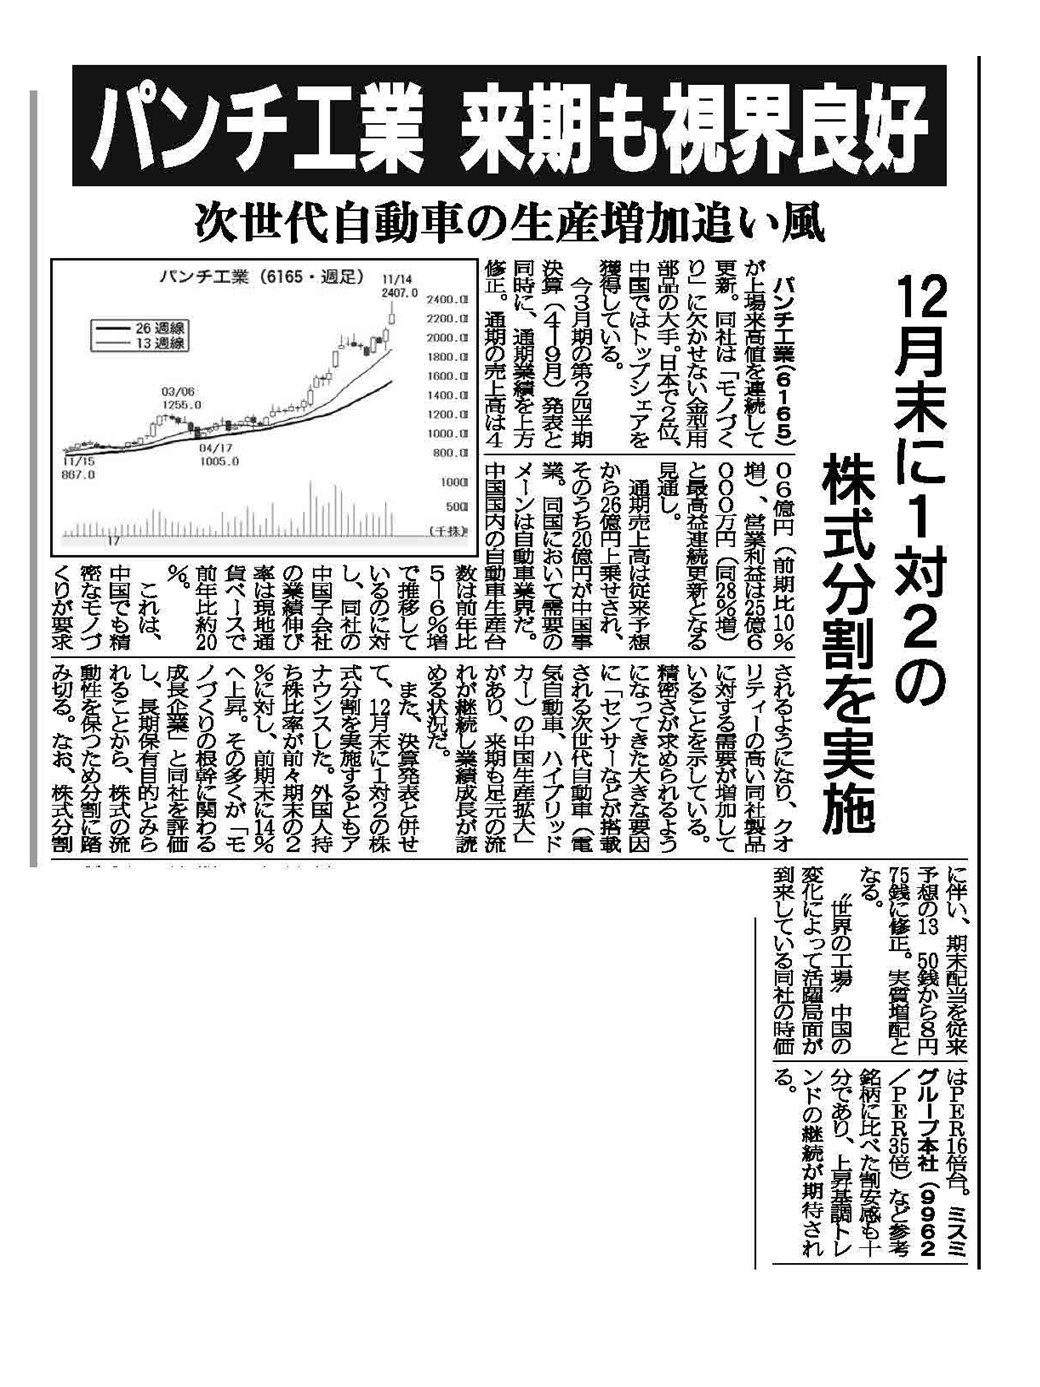 http://www.punch.co.jp/companyinfo/company2015/20171115-shokenshinbun.JPG